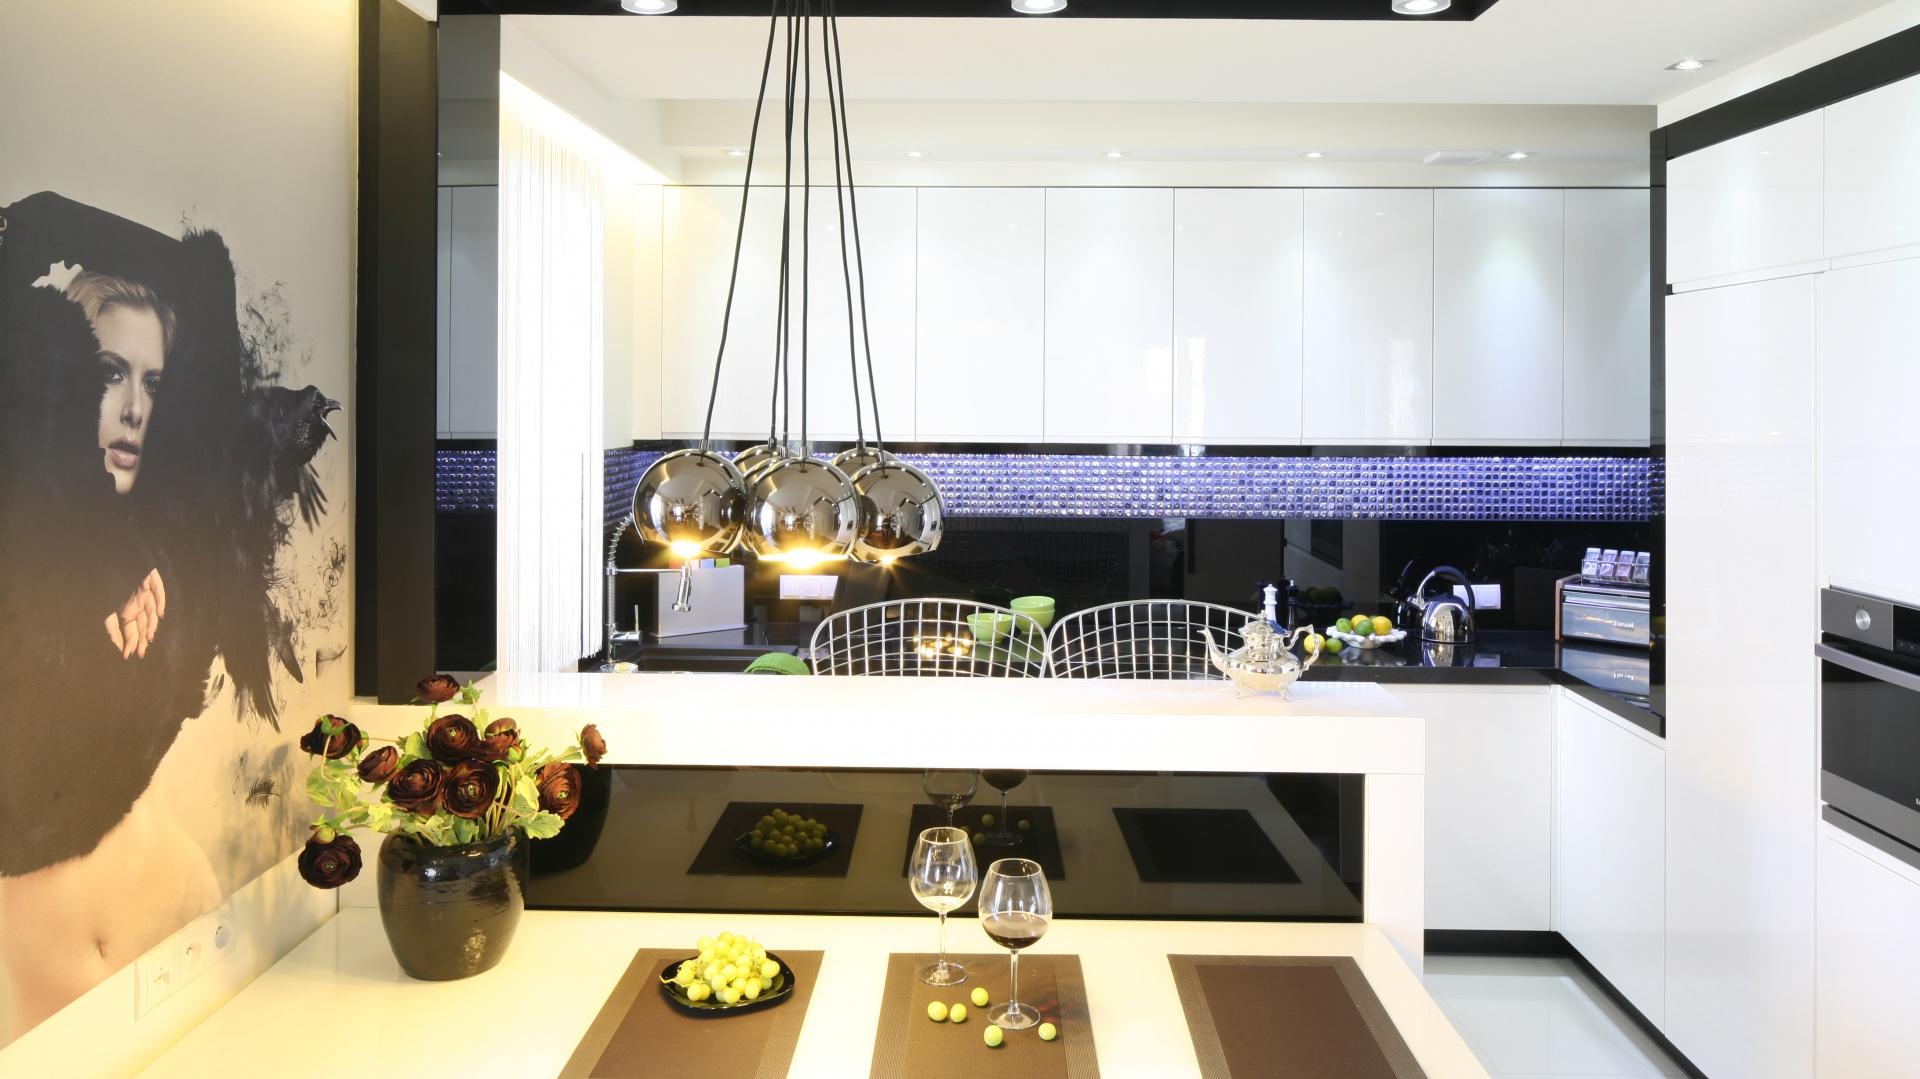 Ścianę nad blatem wykończono czarnym lacobelem i szklaną mozaiką, która pod wpływem światła zmienia kolor (z czarnego na delikatnie błękitny) odbijając je niczym małe, połyskujące kryształki. Projekt: Małgorzata Mazur. Fot. Bartosz Jarosz.